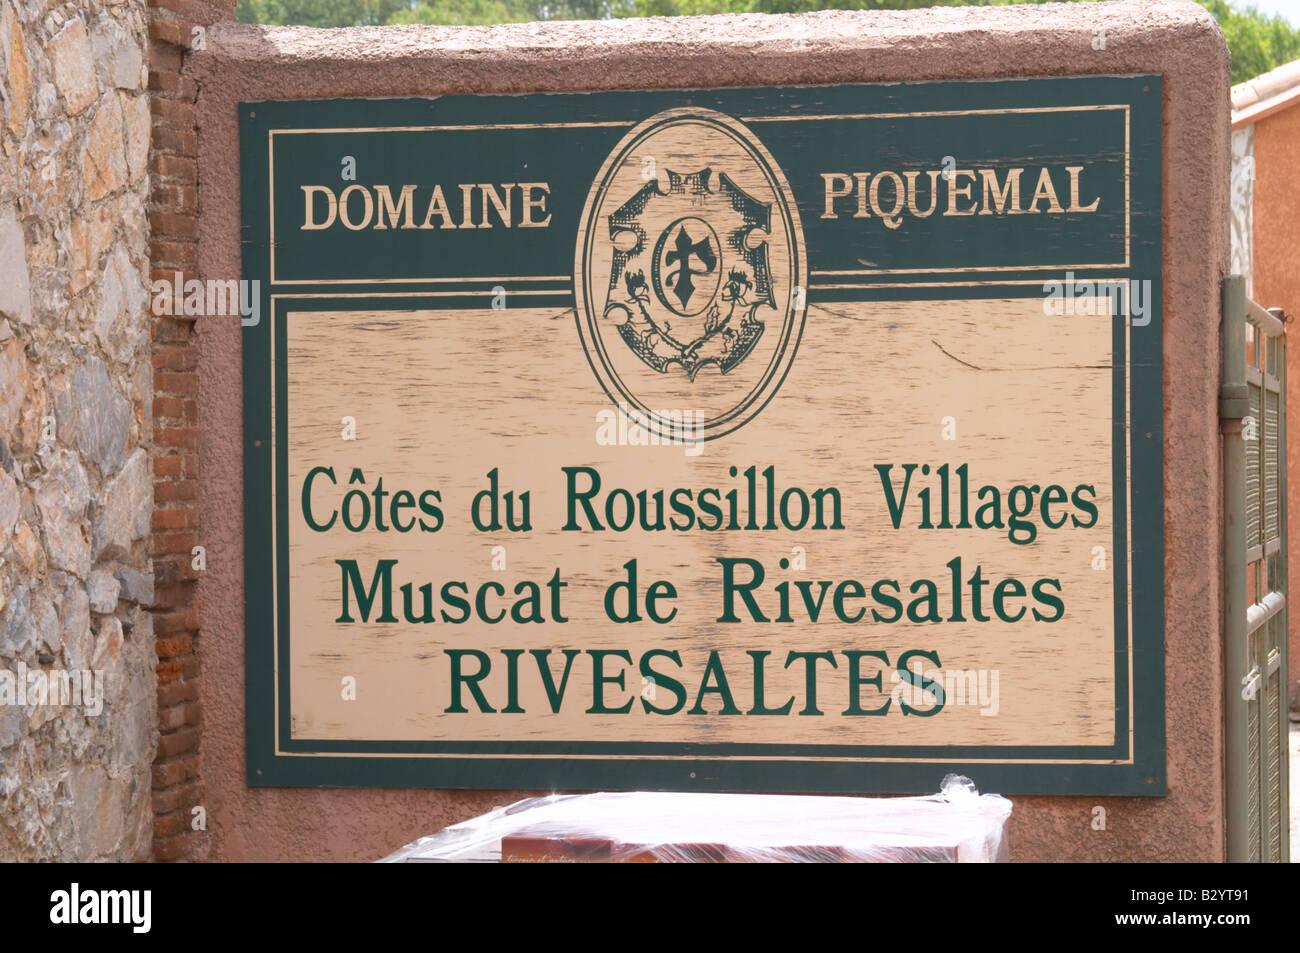 Domaine Piquemal, espira de l'Agly, Roussillon, France Banque D'Images